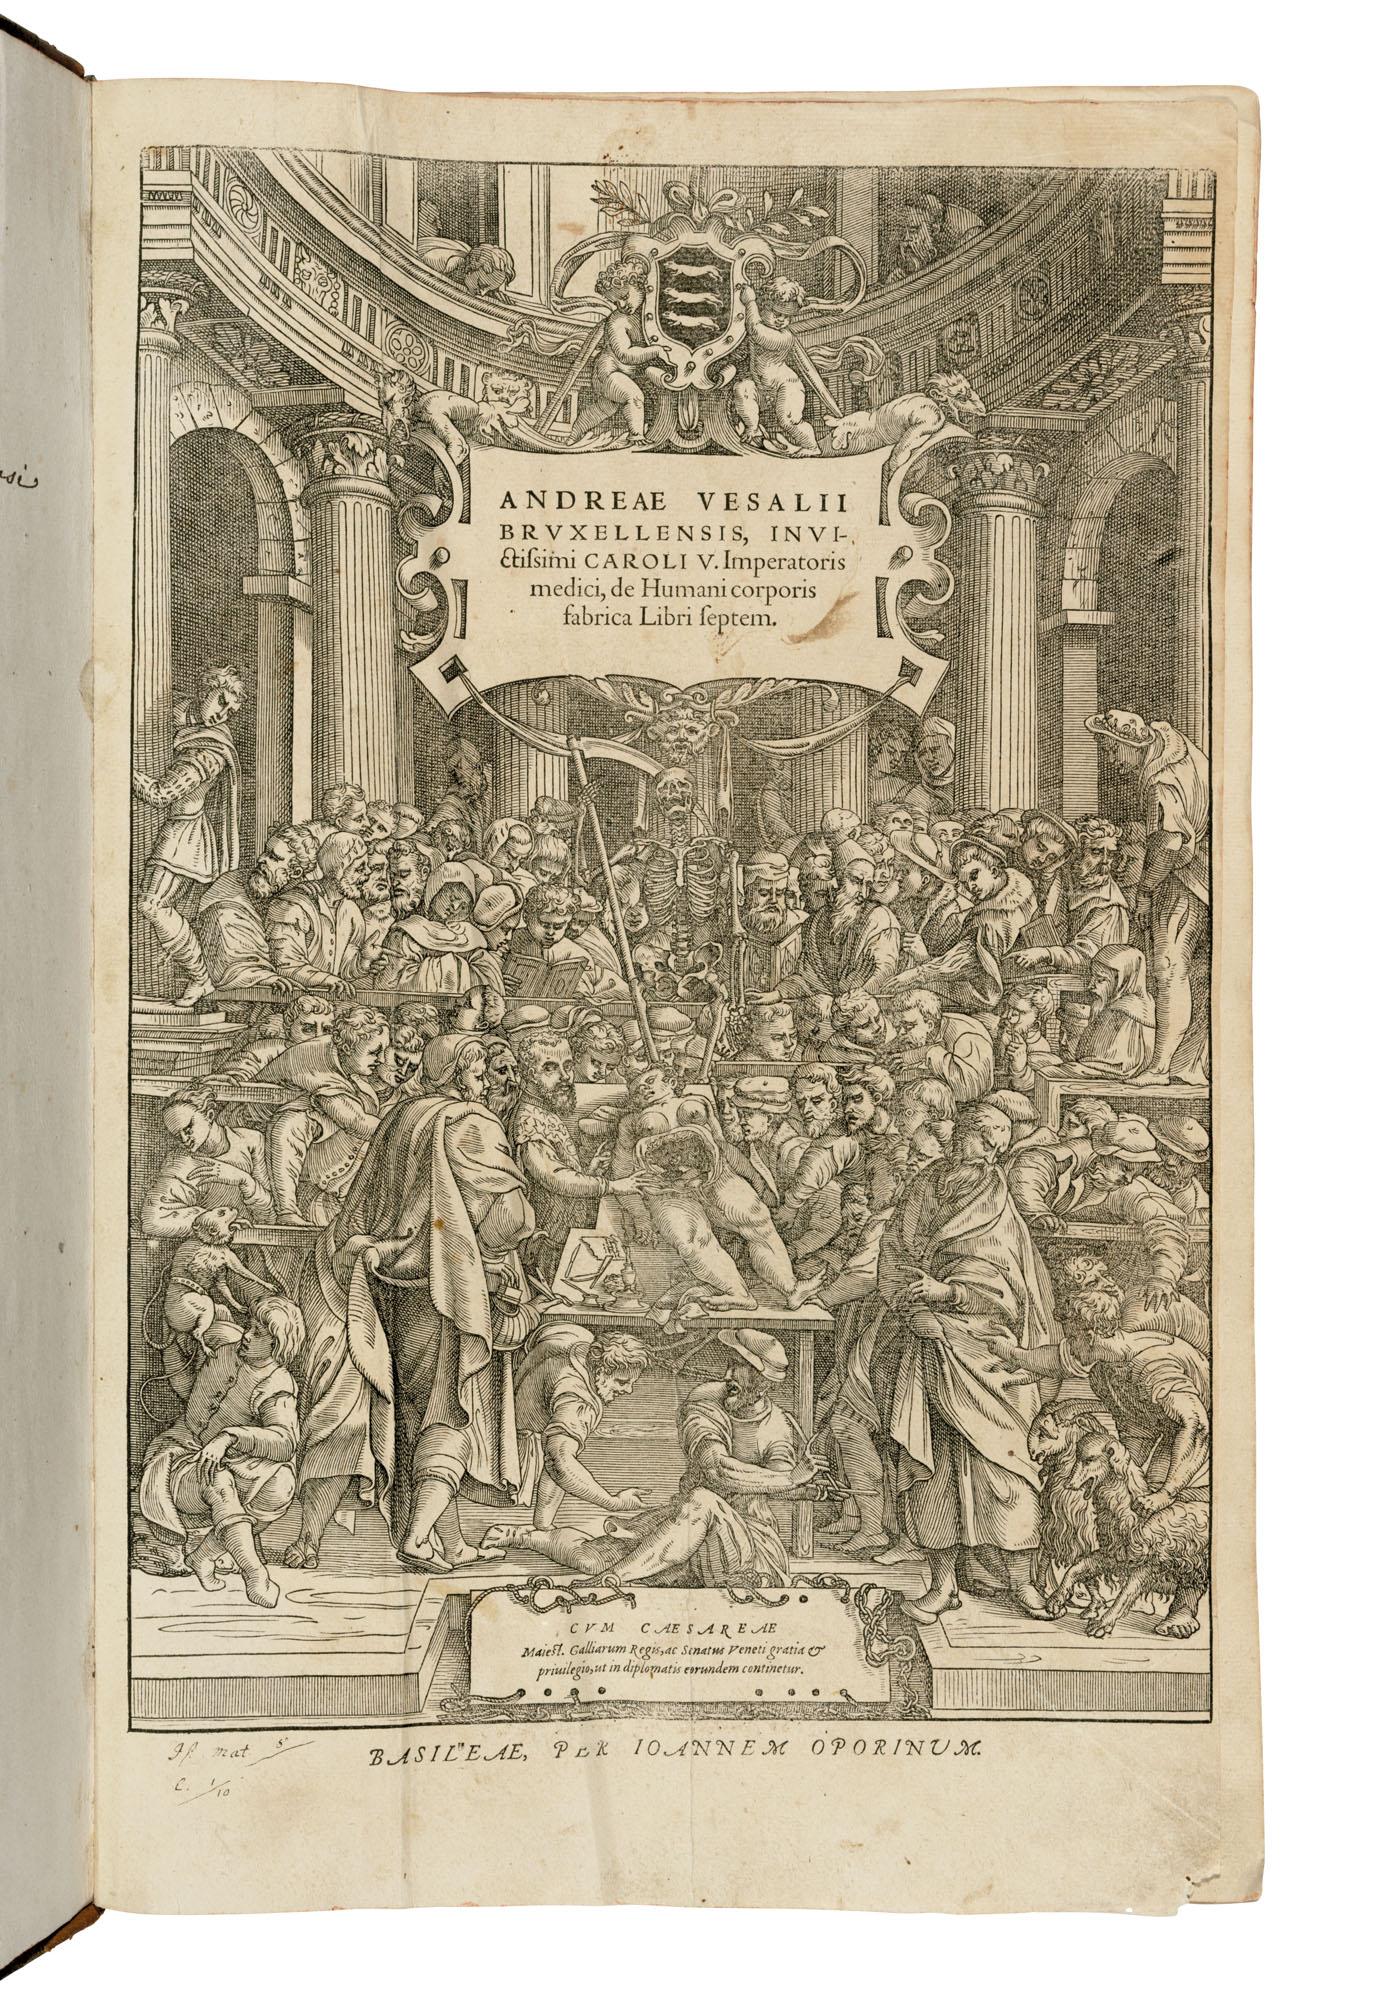 Andreas Vesalius (1514-1564)